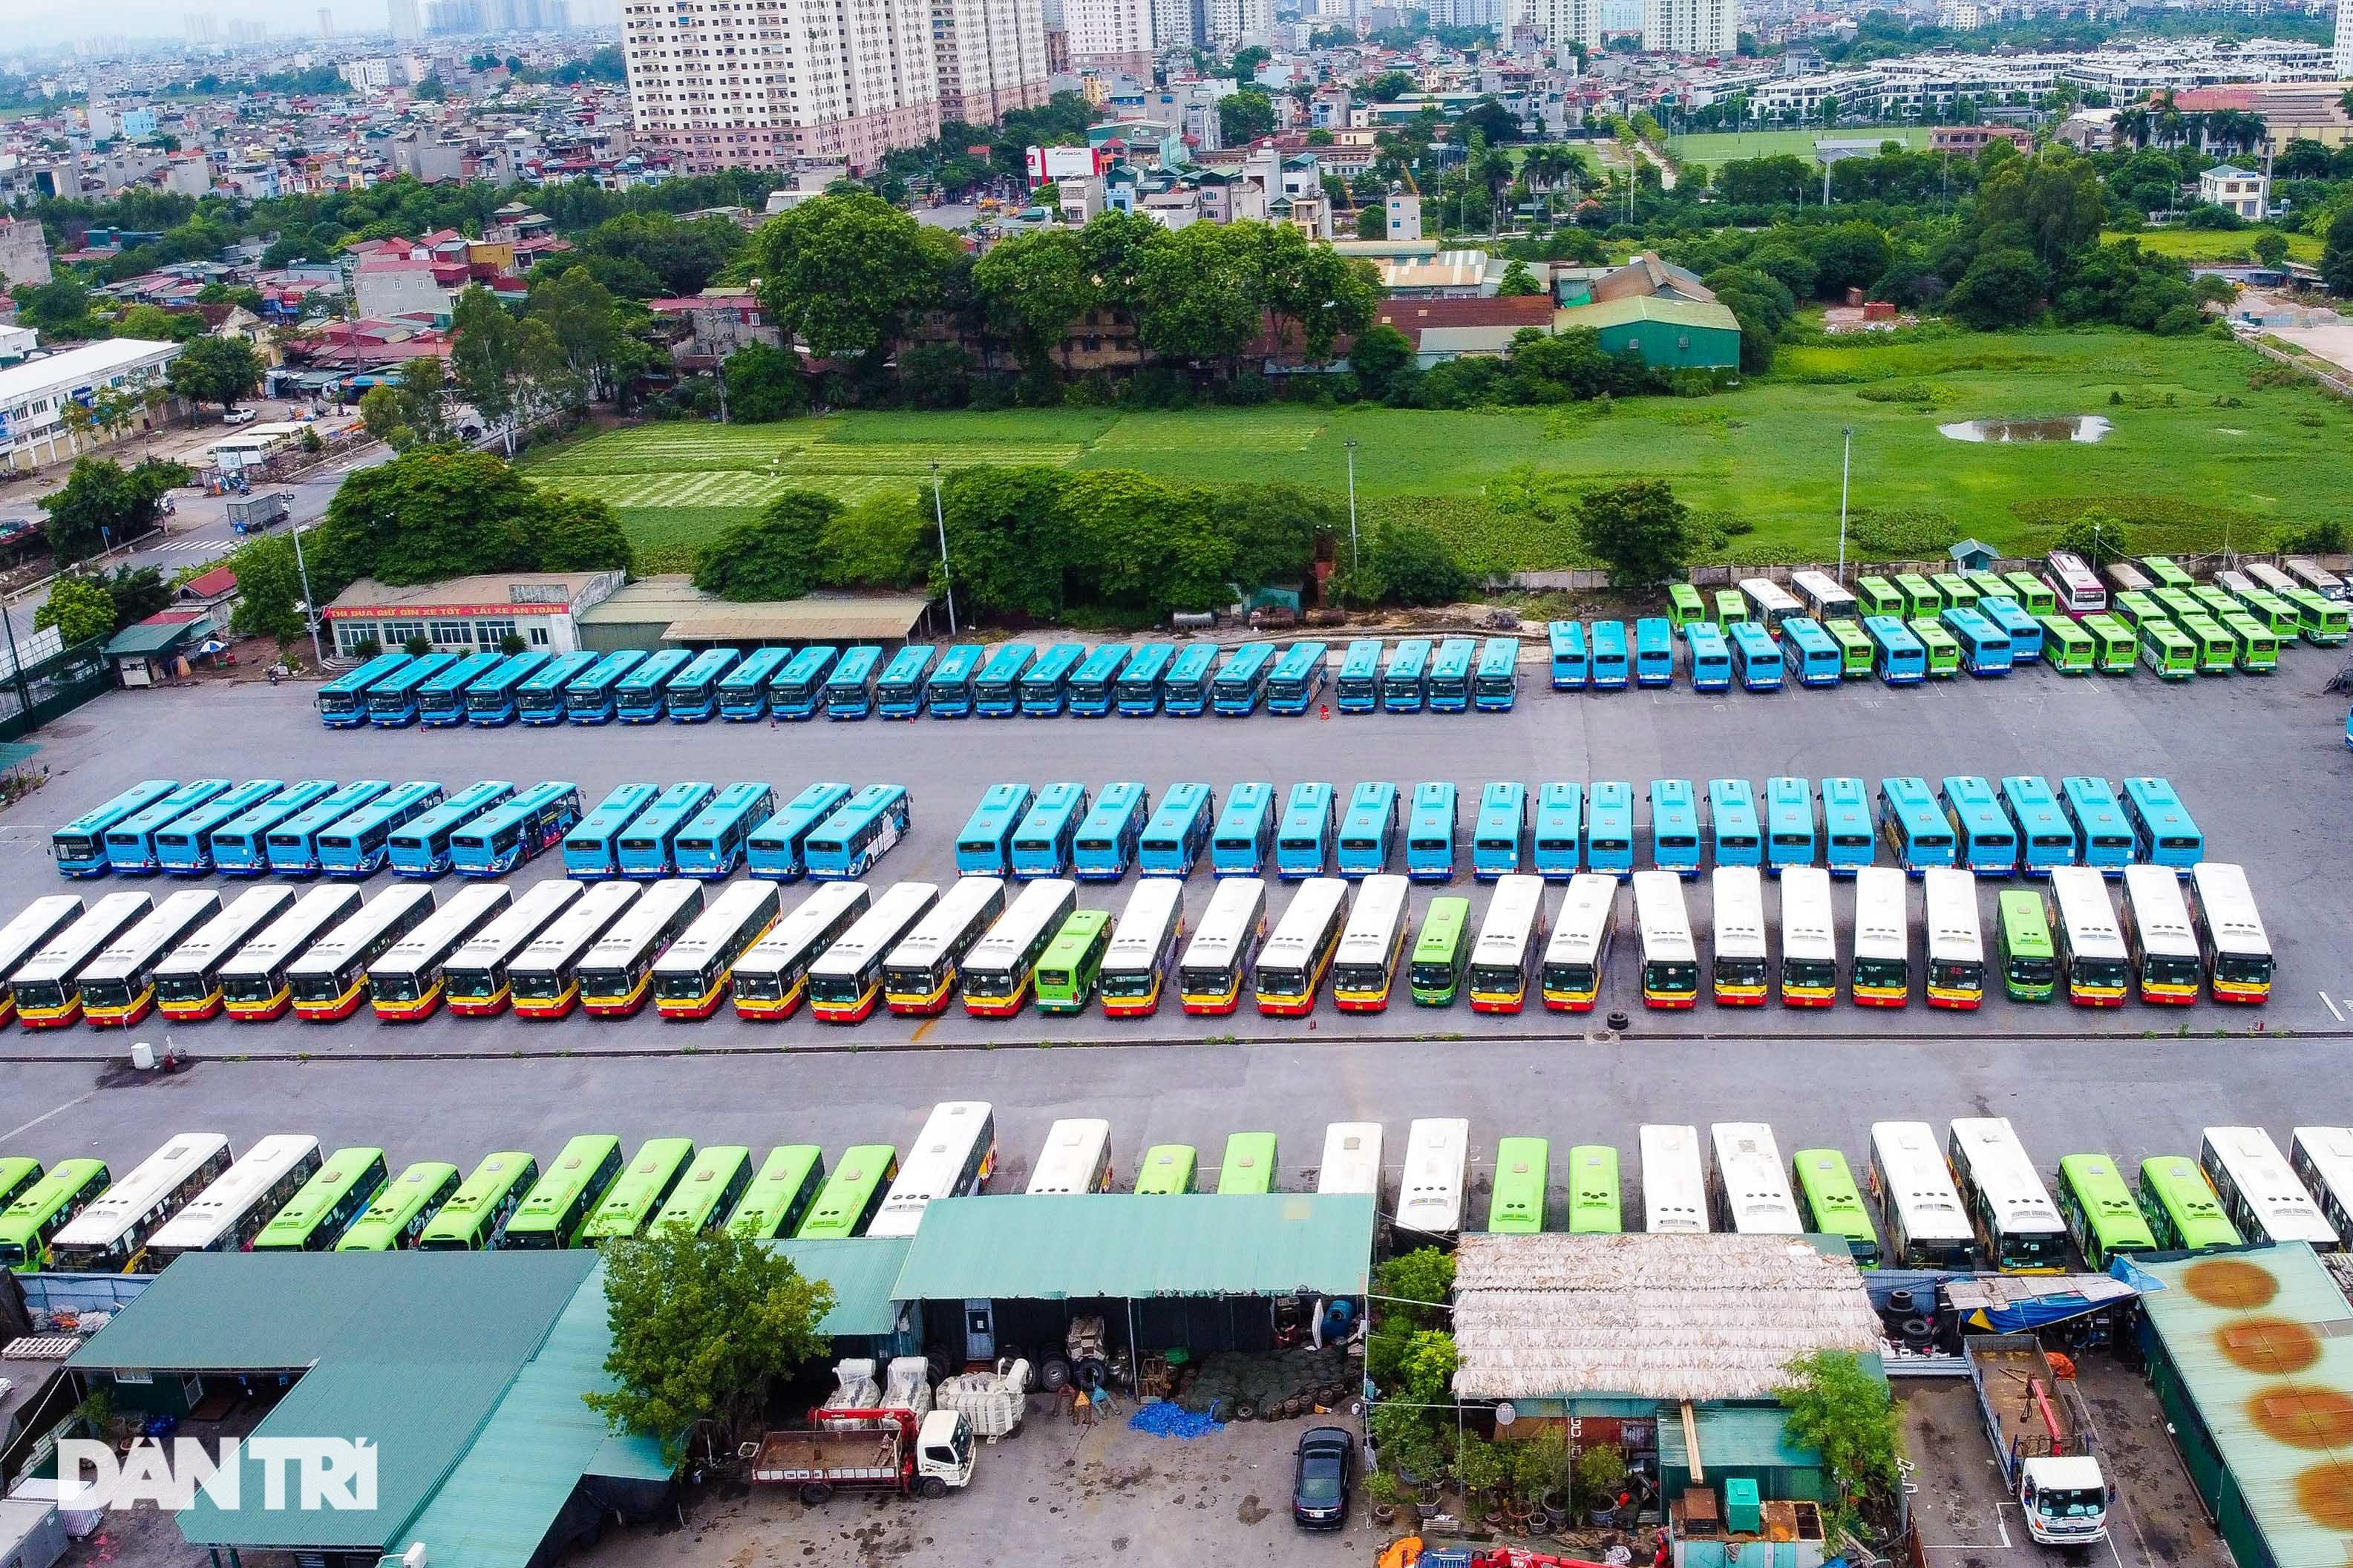 Hà Nội: Hàng nghìn ôtô nằm phơi nắng dầm mưa vì giãn cách xã hội - 8